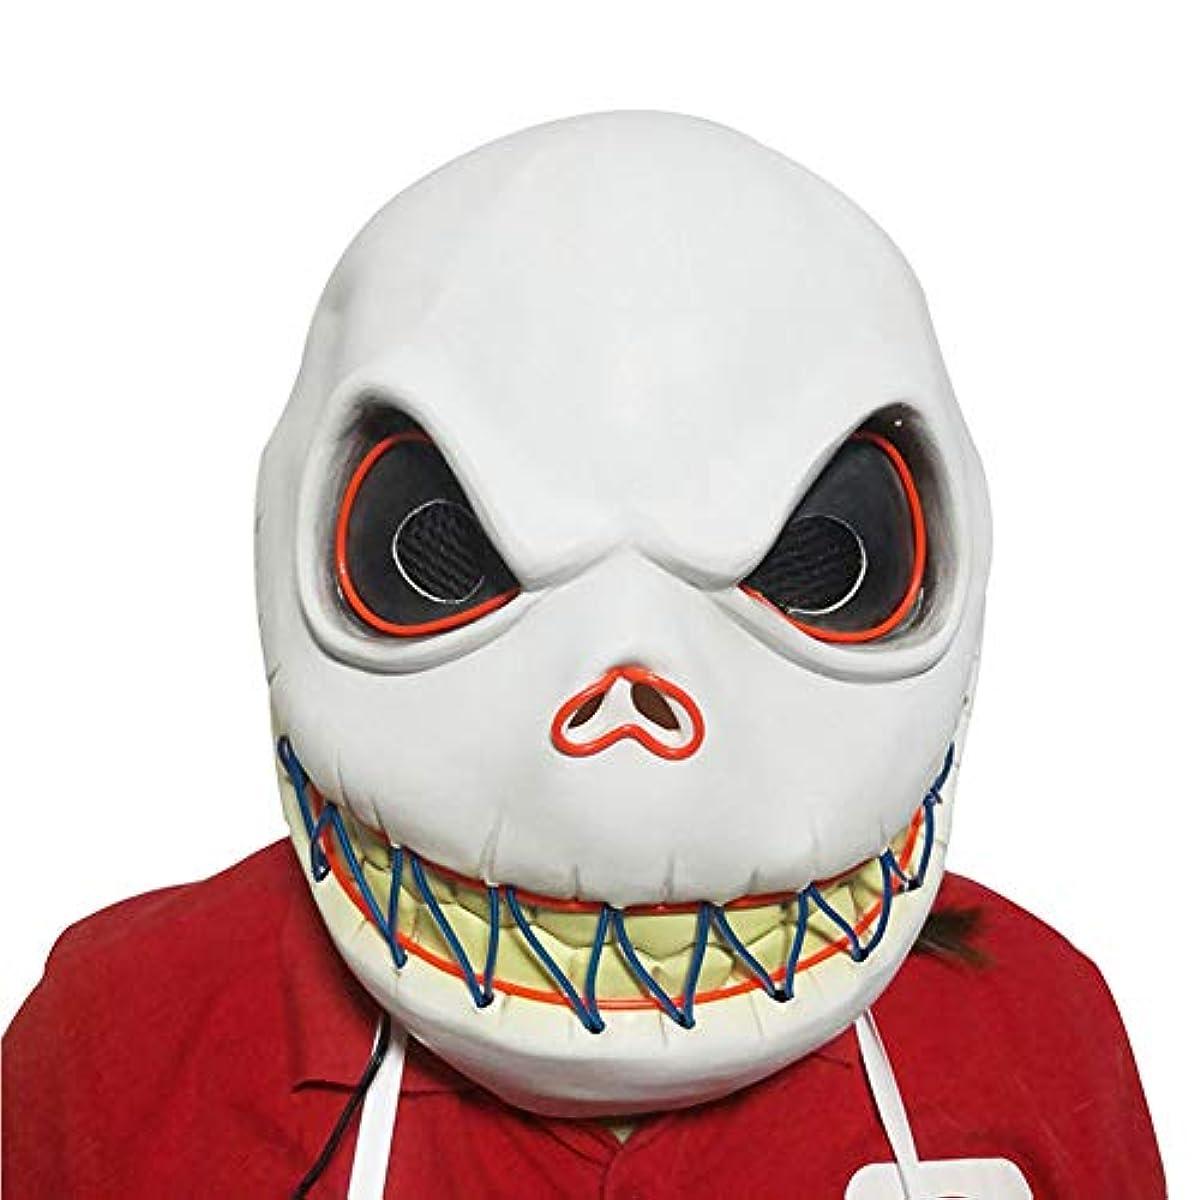 前書きフェッチ見捨てられたハロウィーンマスク、顔をしかめるラテックスマスク、ハロウィーン、テーマパーティー、カーニバル、レイブパーティーに適しています。